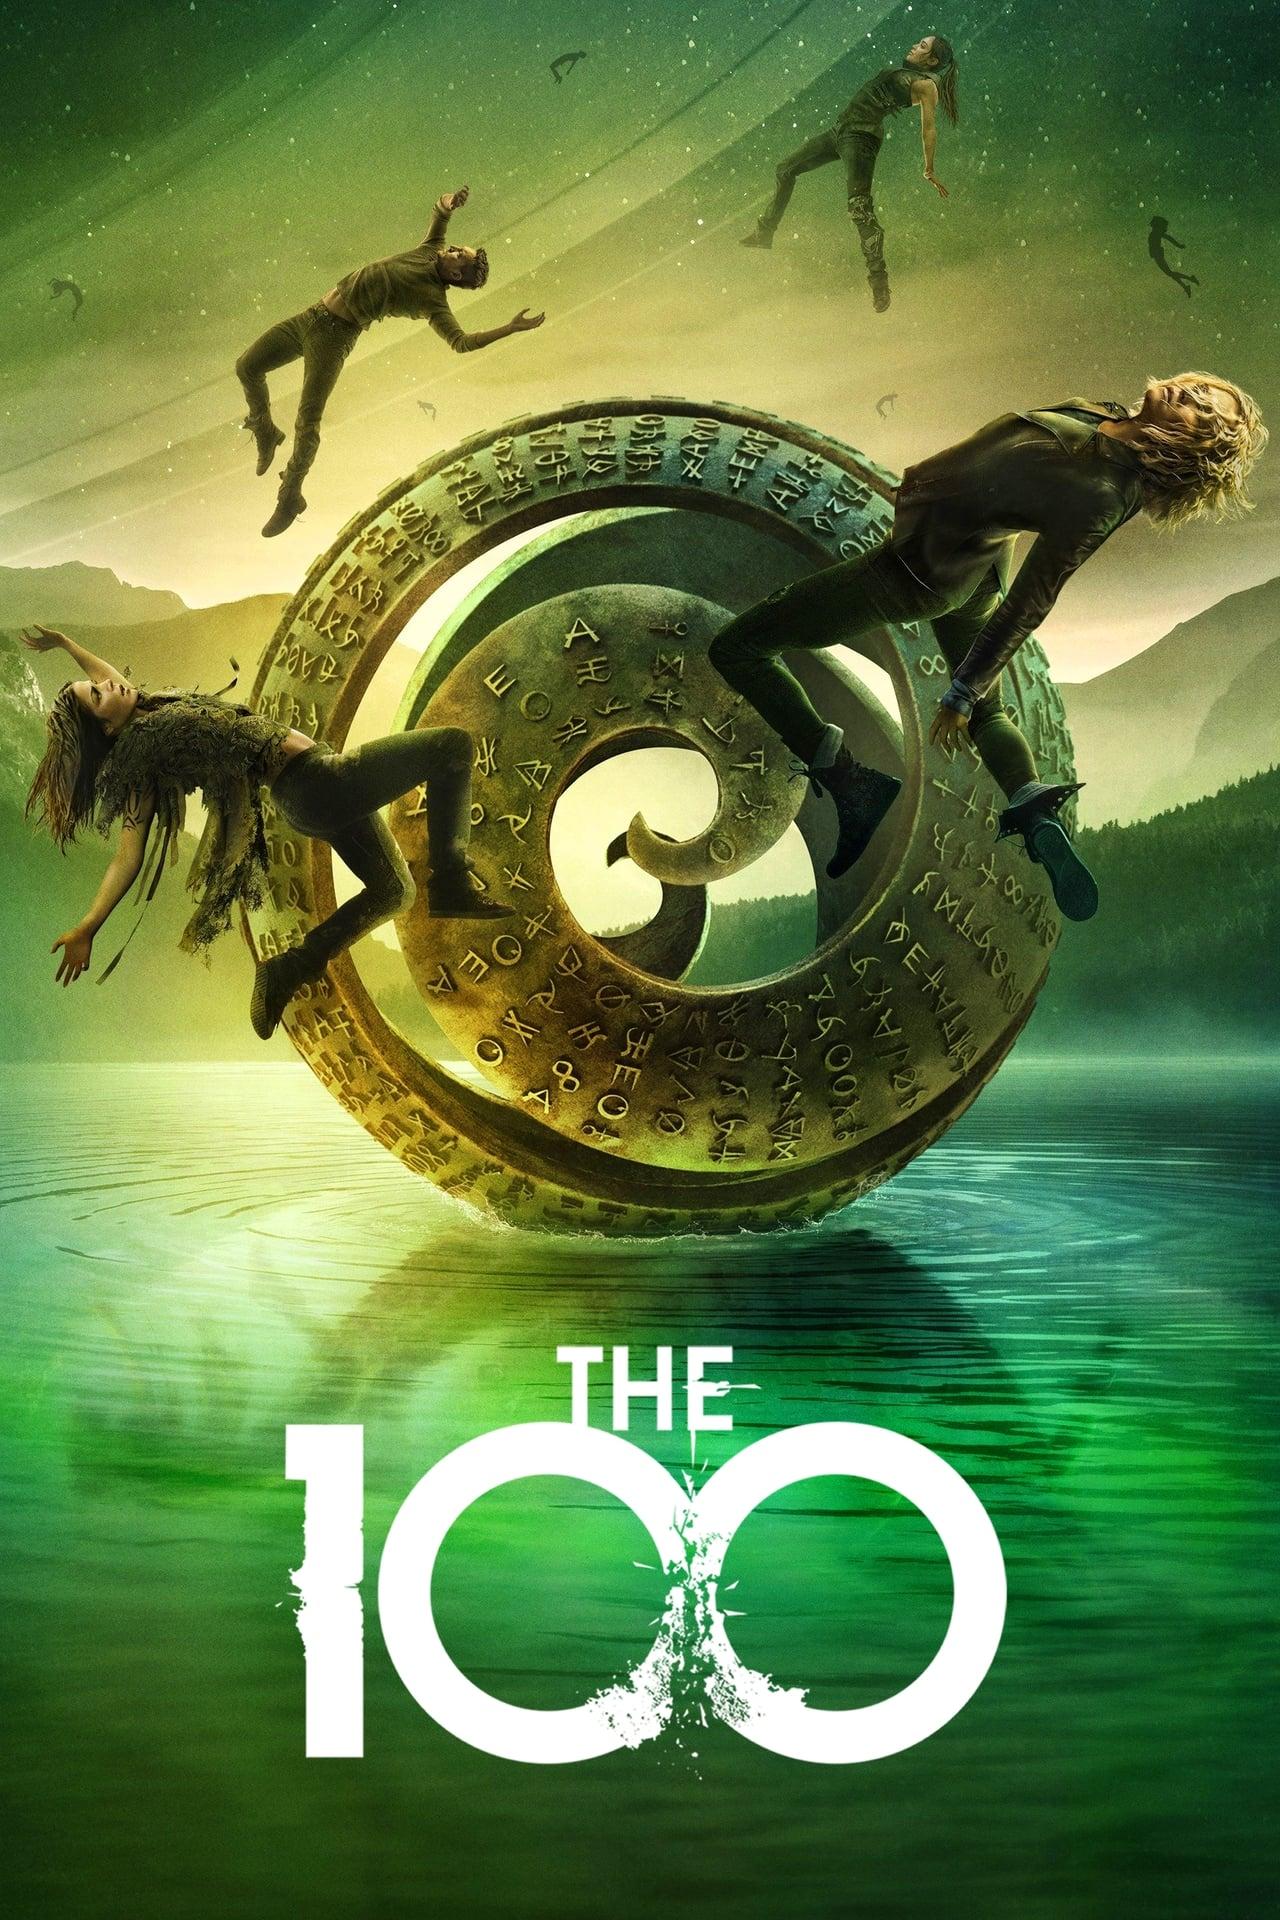 Los 100 Temporada 7 Capítulo 1